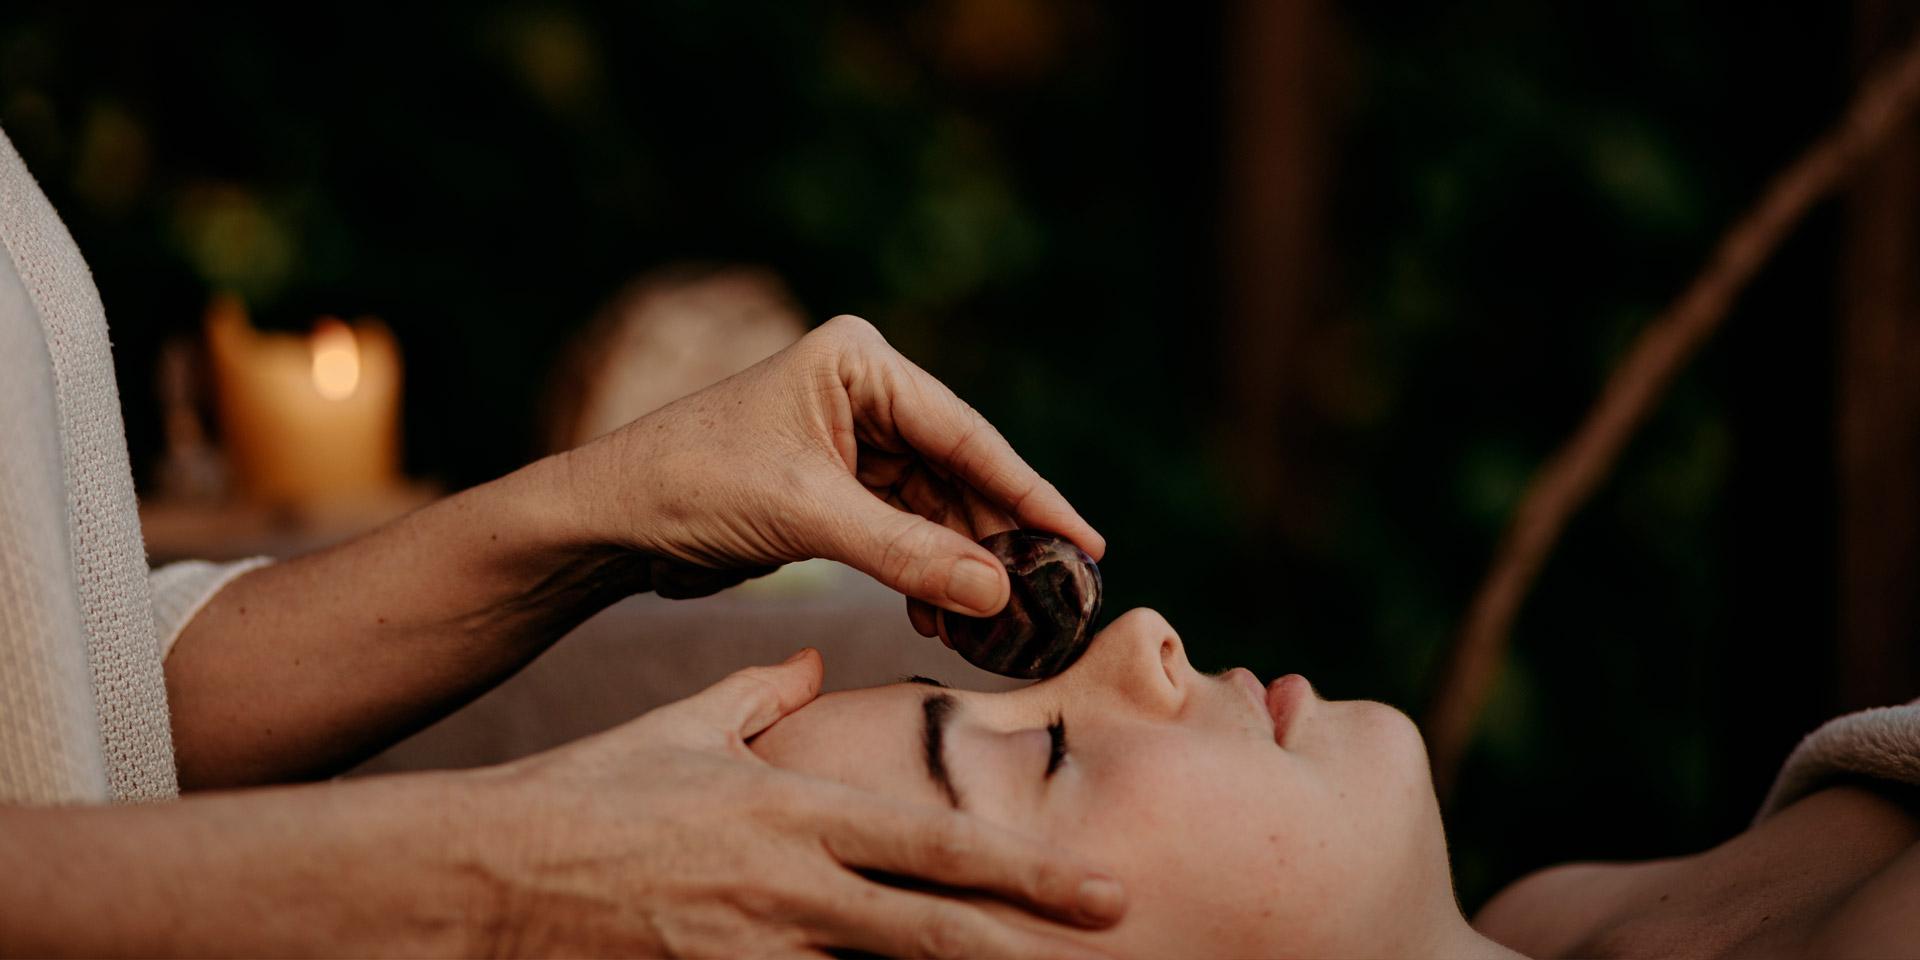 masaje facial japonés, María Ruiz de Apodaca